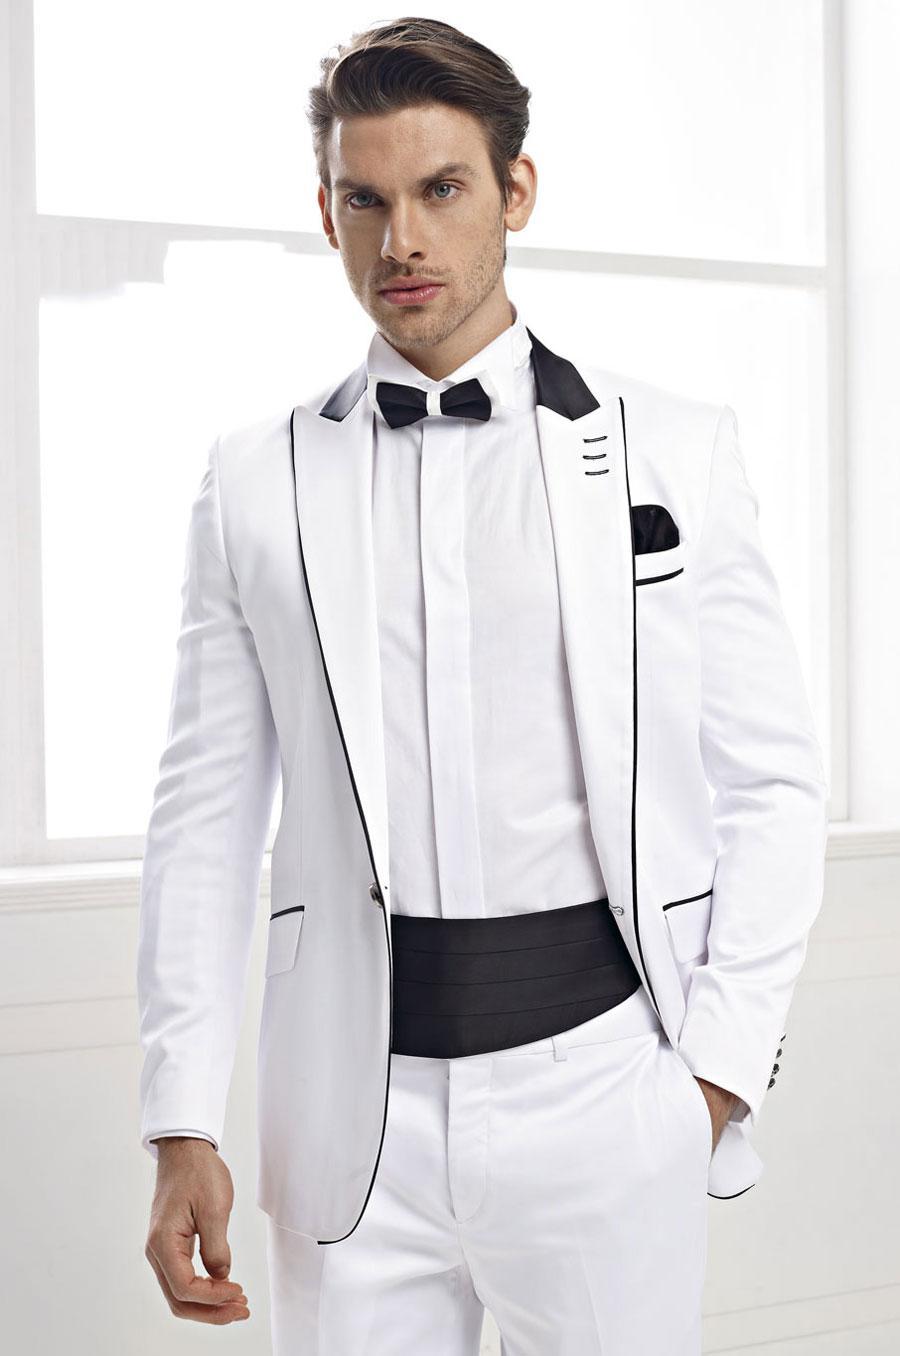 Discount Suit Styles Slim Tie | 2017 Suit Styles Slim Tie on Sale